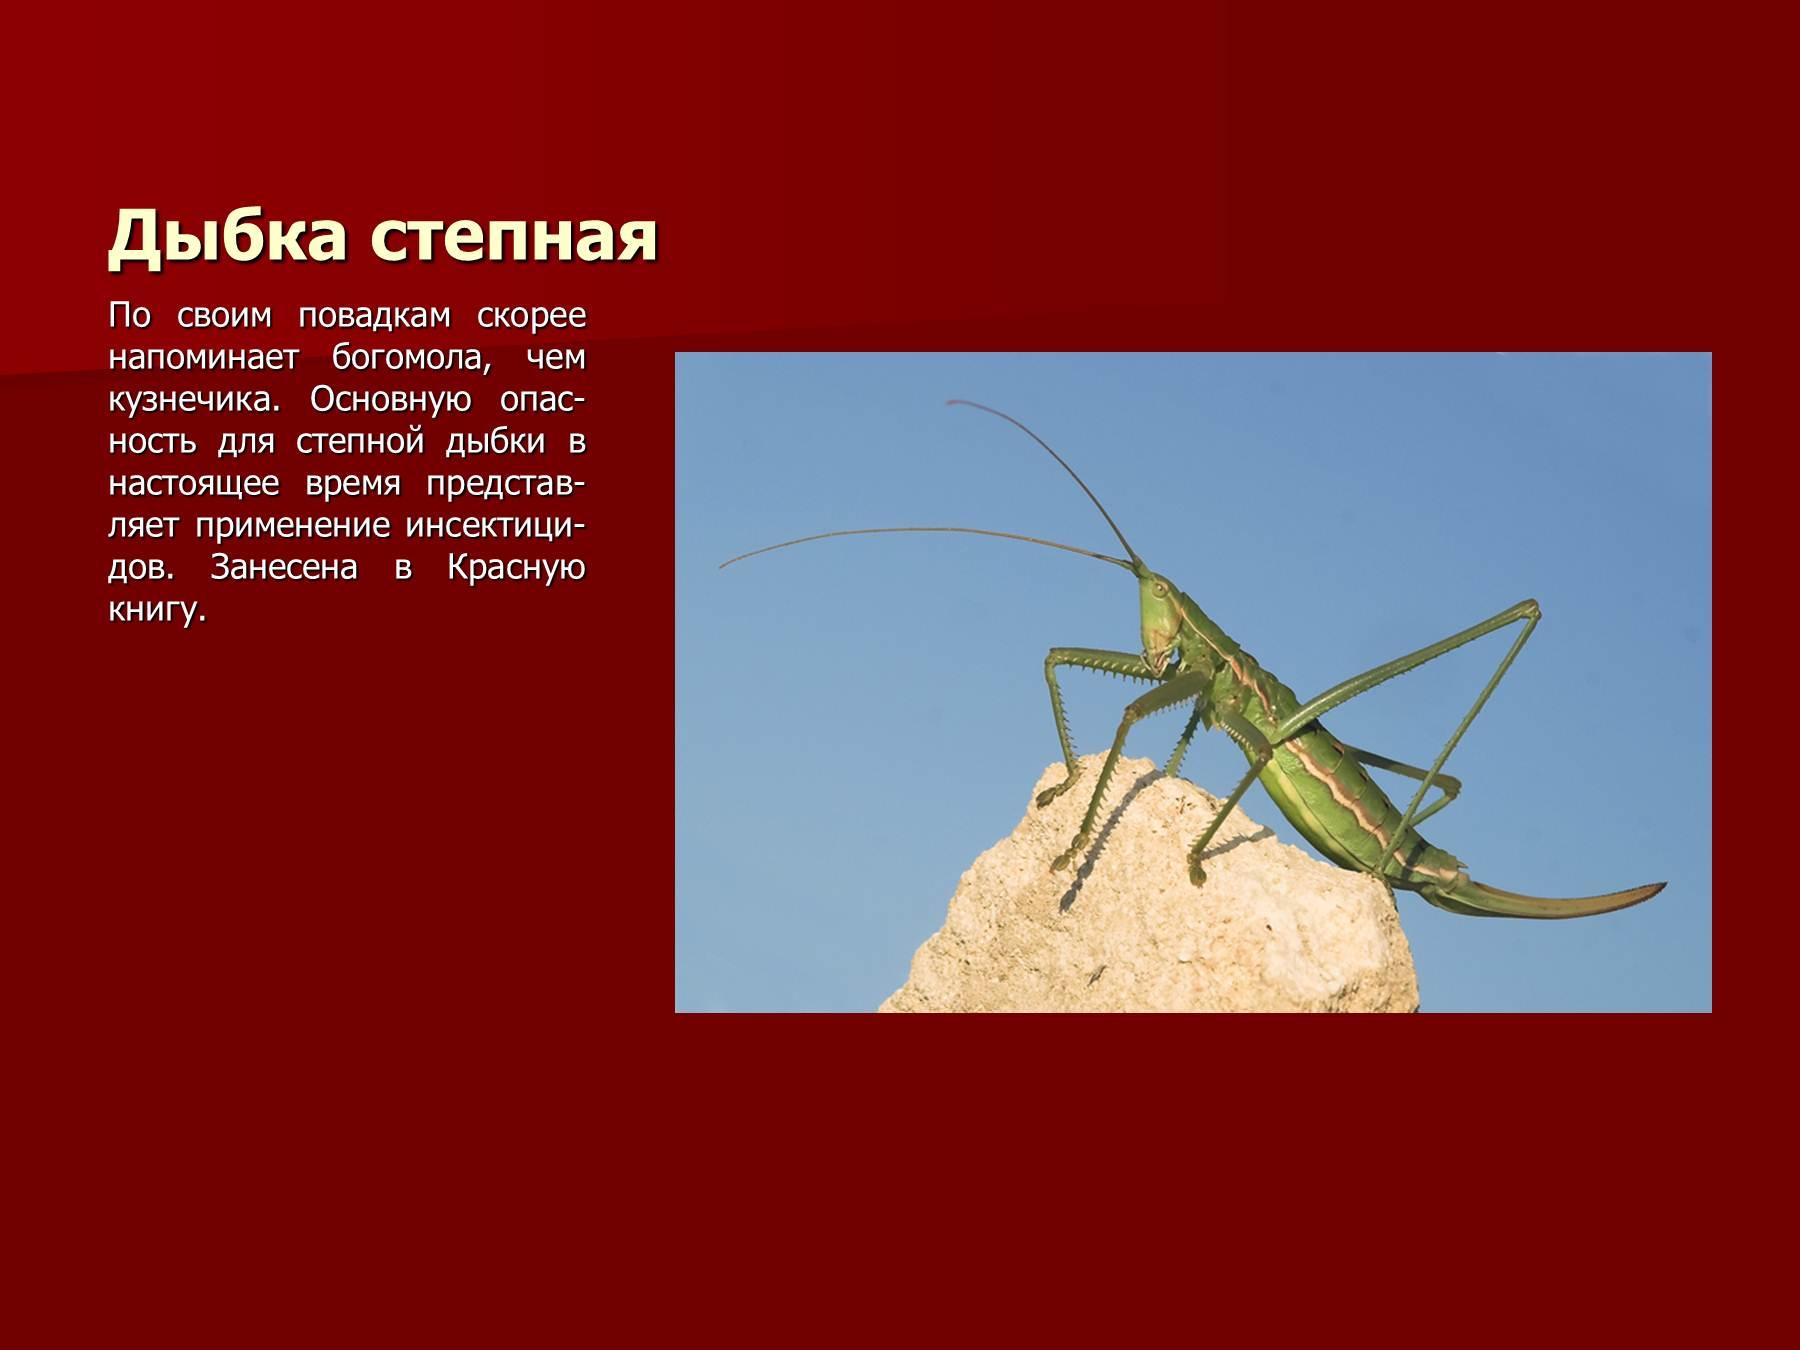 Красная книга оренбургской области скачать